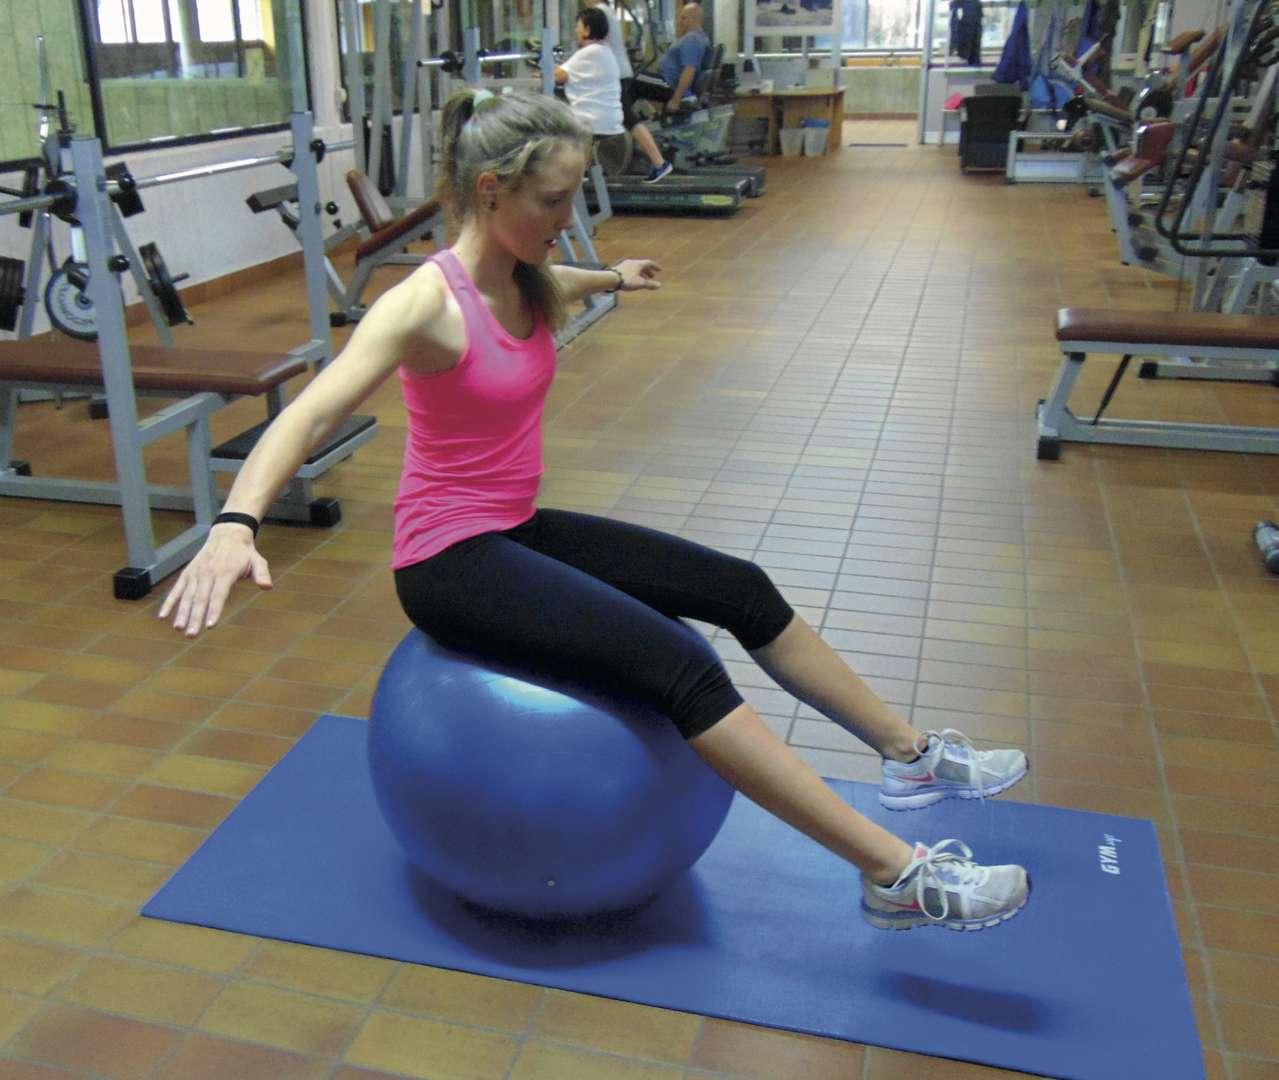 Alcuni esercizi che migliorano le nostre caratteristiche propriocettive grazie all'utilizzo di FIT BALL e BALANCE BALL, fondamentali nell'ABC del trail running